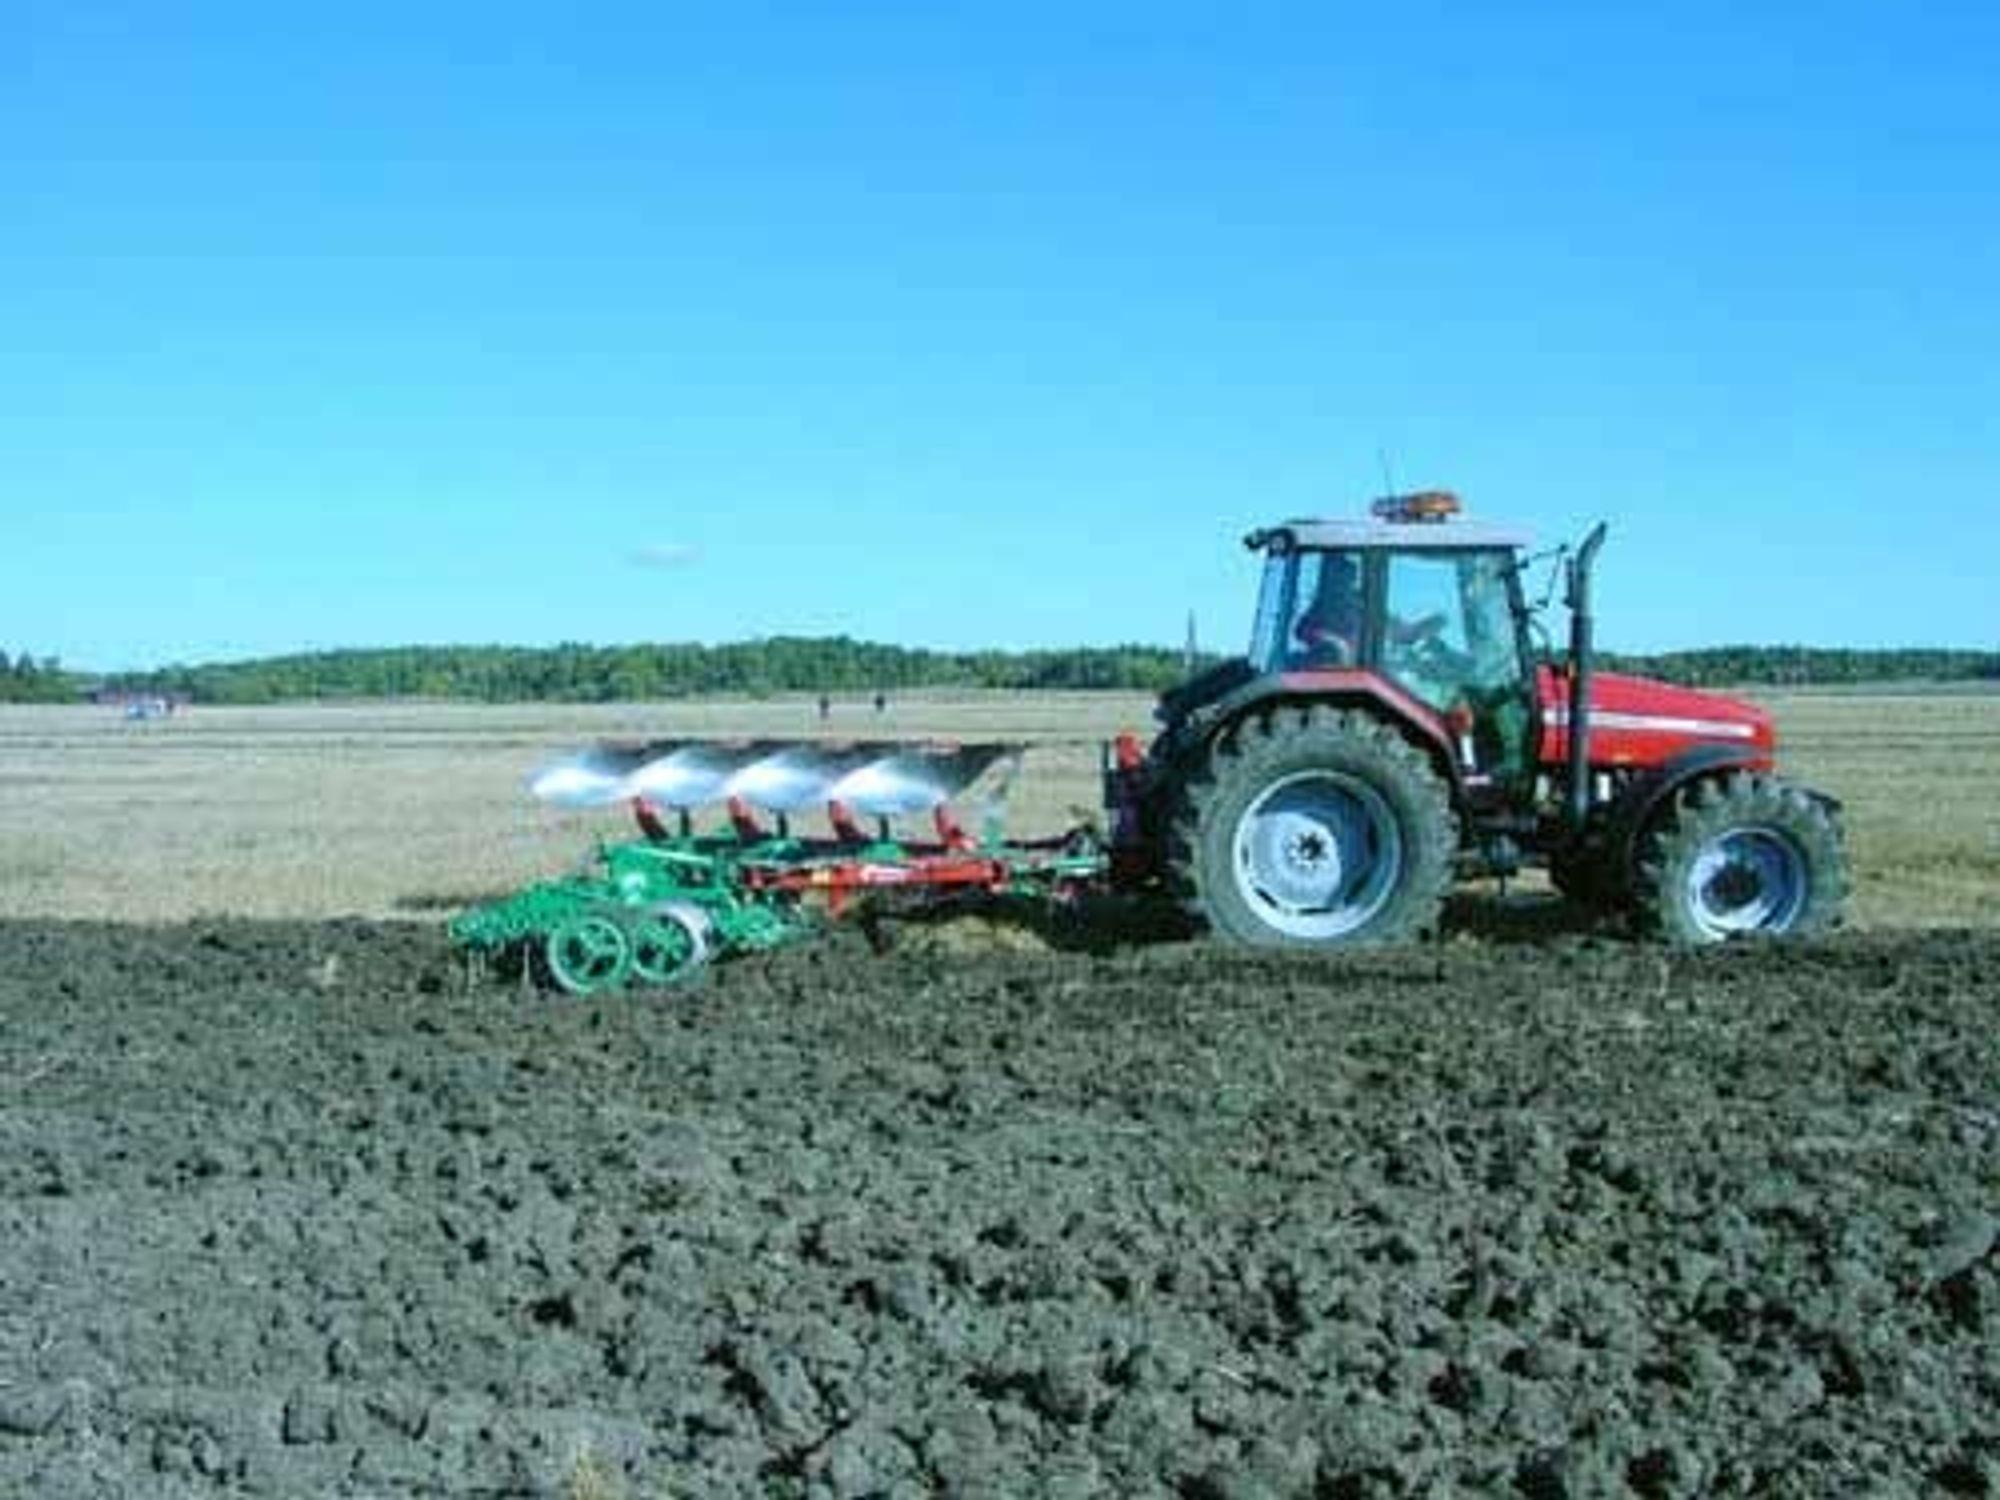 Ugreit marked. Enten er det for tørt, for vått eller for kaldt - dersom det ikke er for varmt. Kvernelands salg av jordbruksutstyr påvirkes av været.